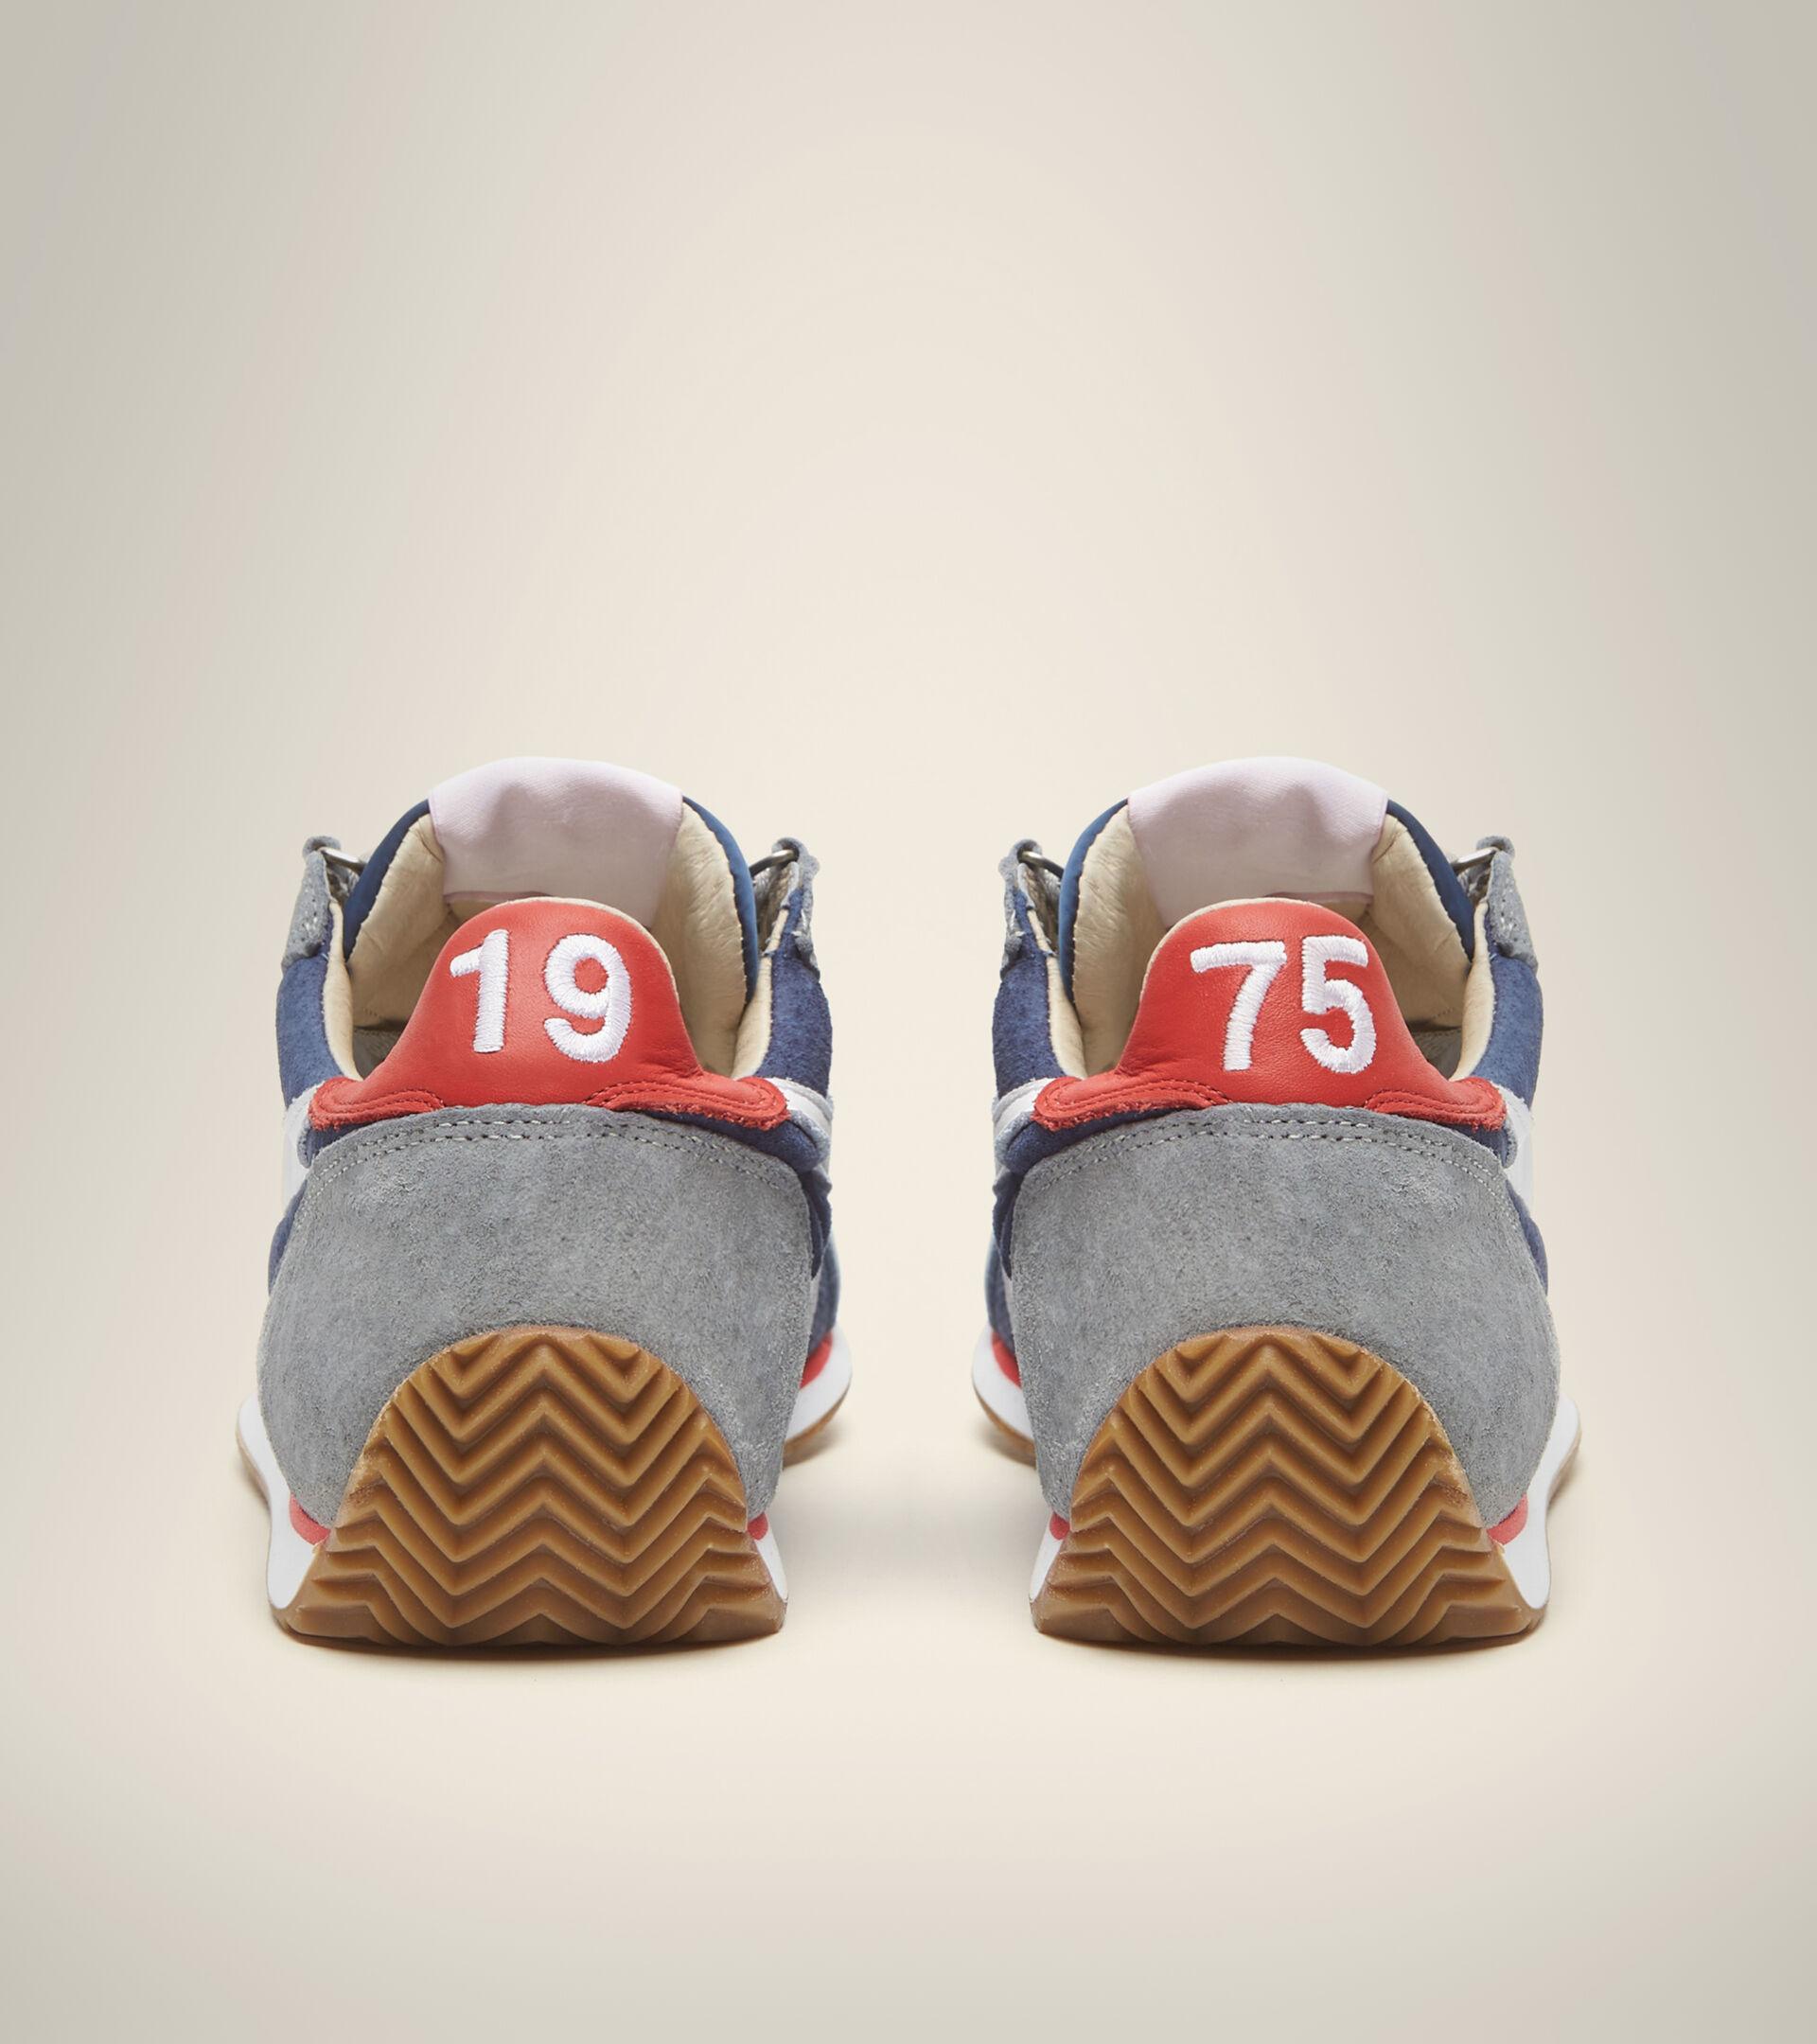 Chaussures Heritage - Unisexe  EQUIPE SUEDE SW AUTHENTIQUE MARINEBLEU - Diadora